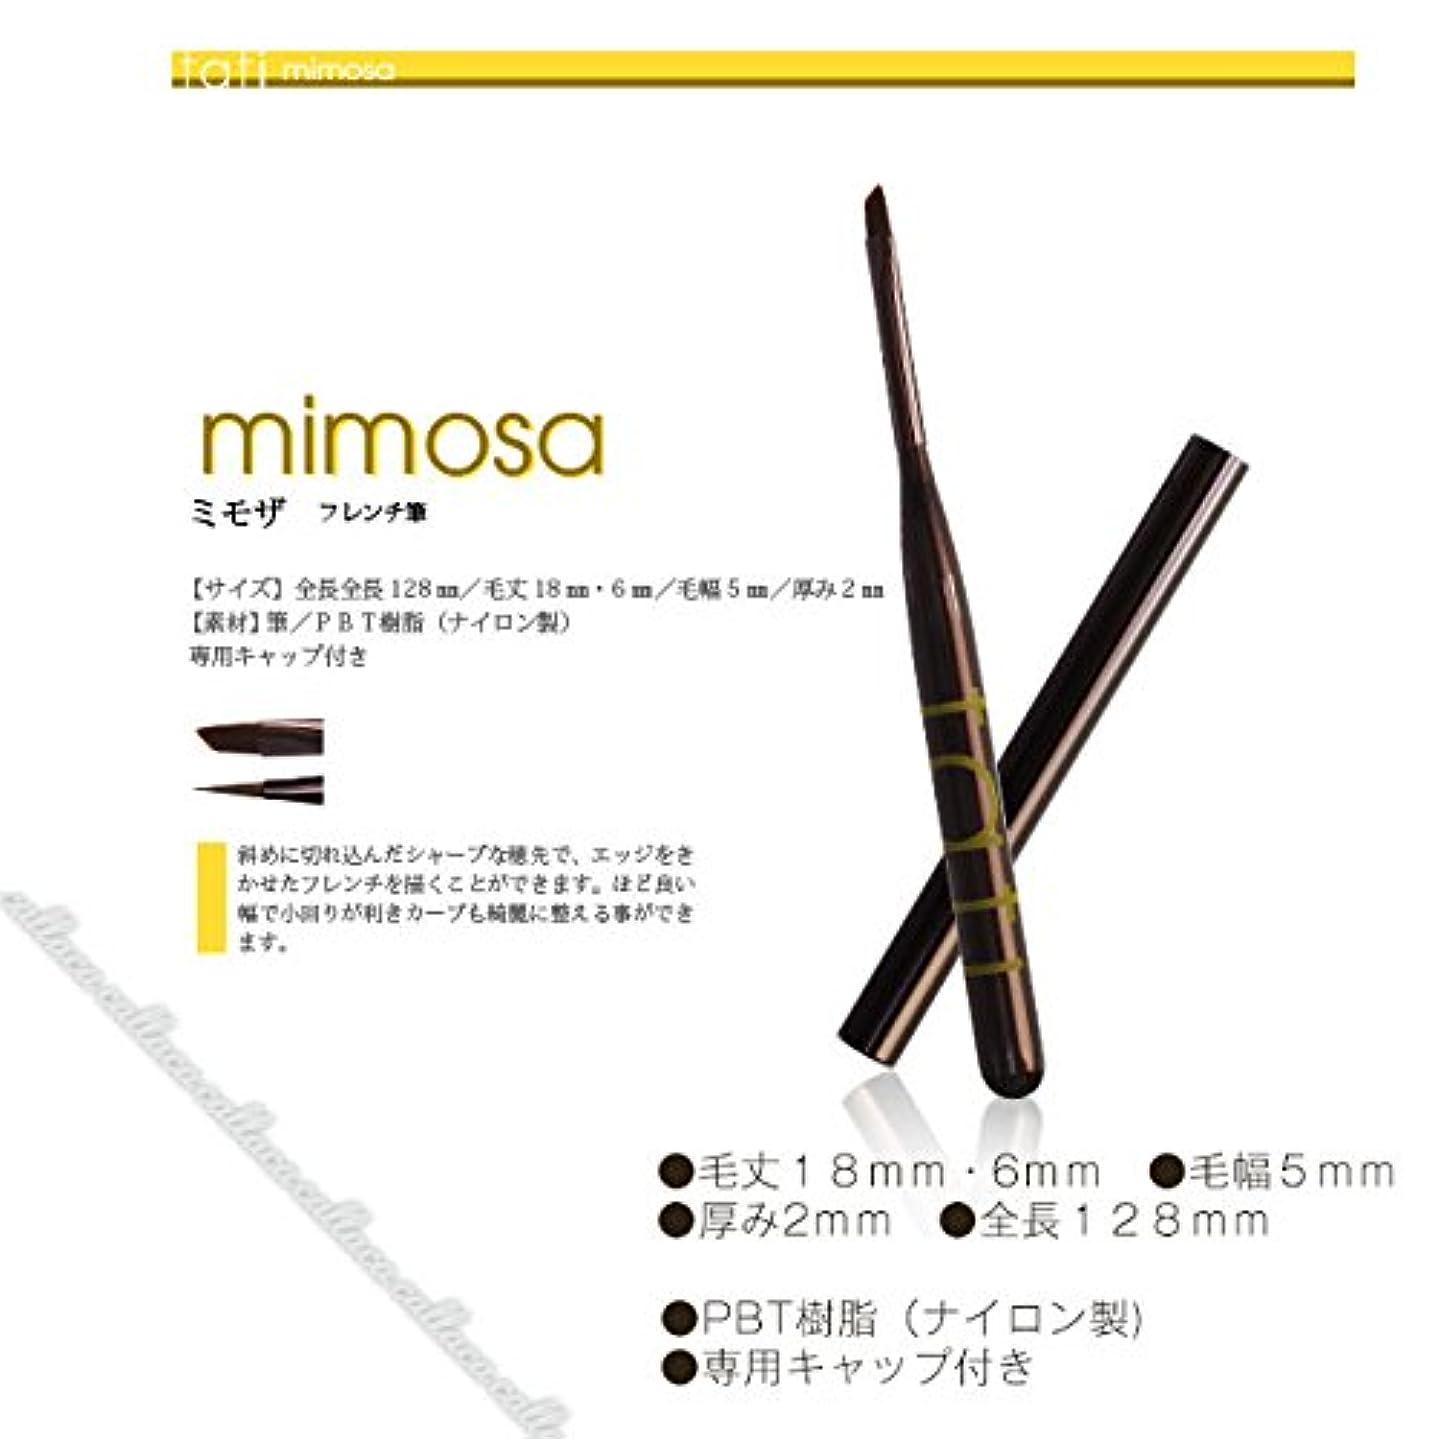 チチカカ湖道に迷いました肯定的tati アートショコラ mimosa (ミモザ)